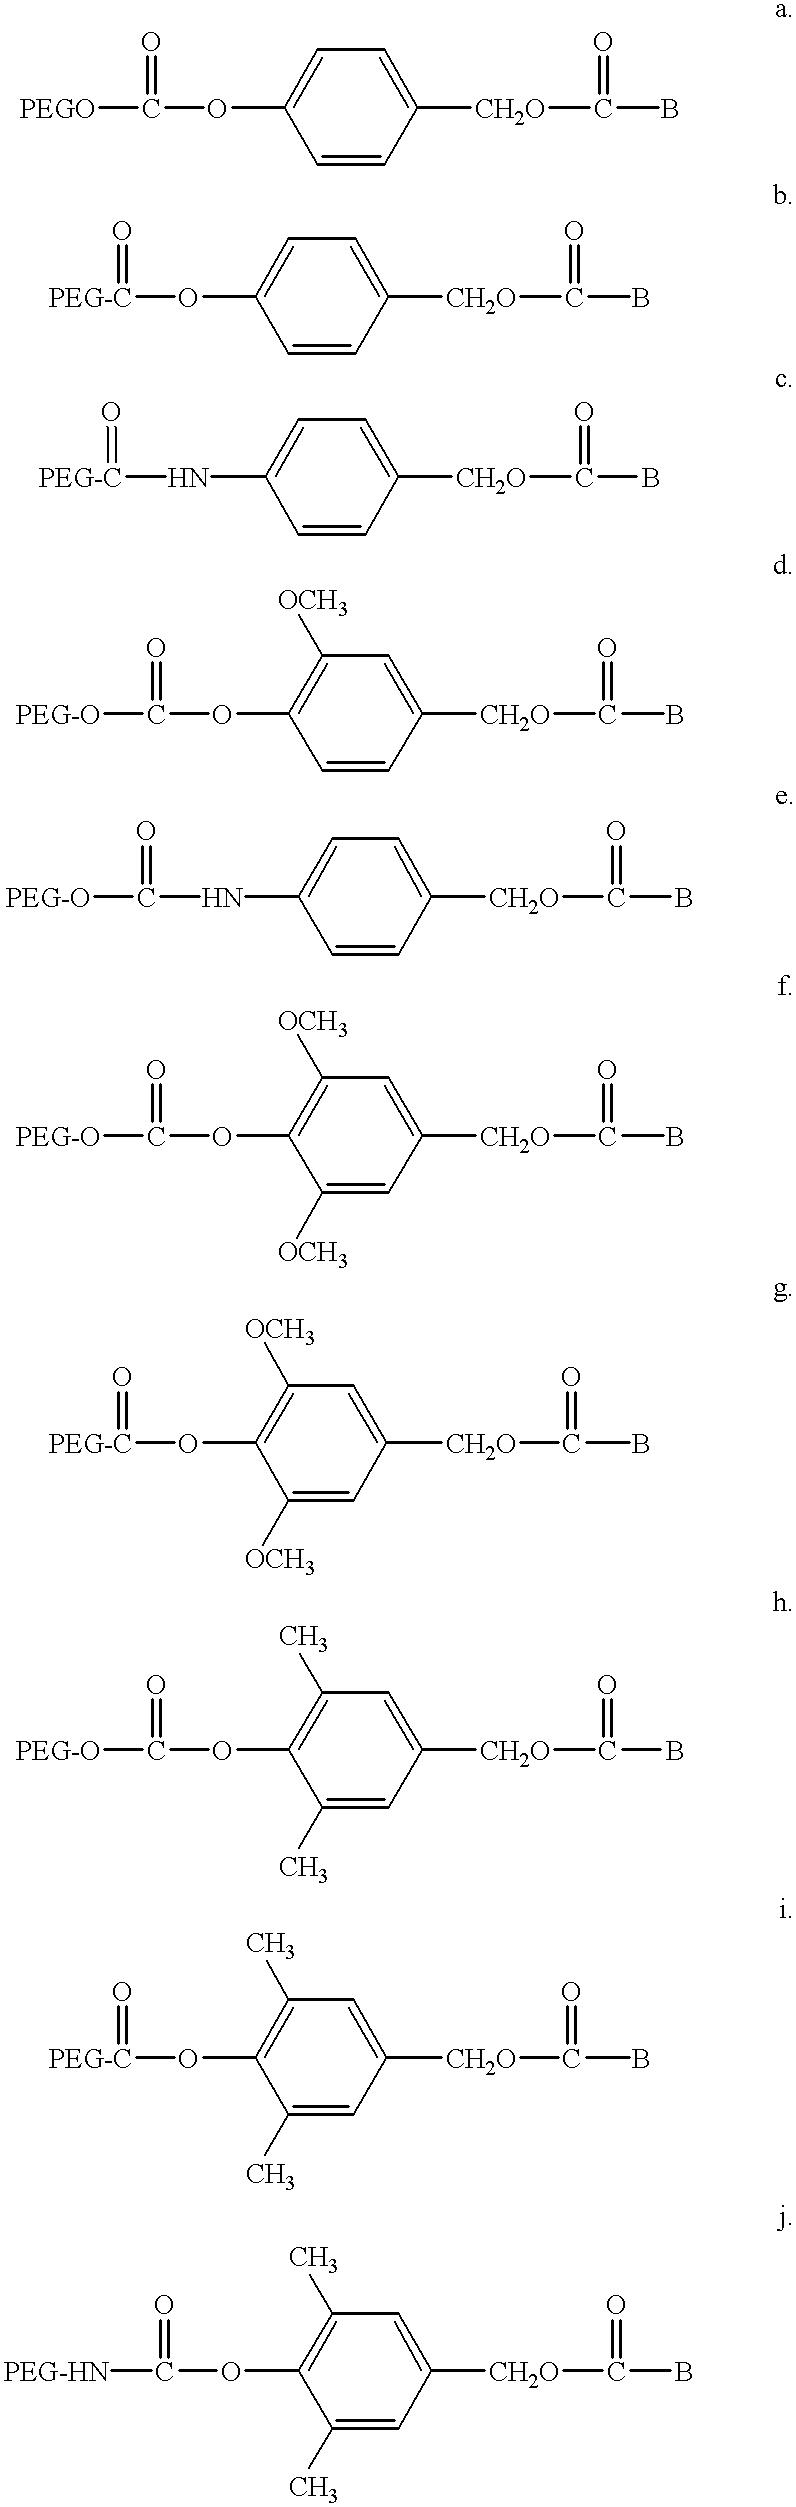 Figure US06180095-20010130-C00025